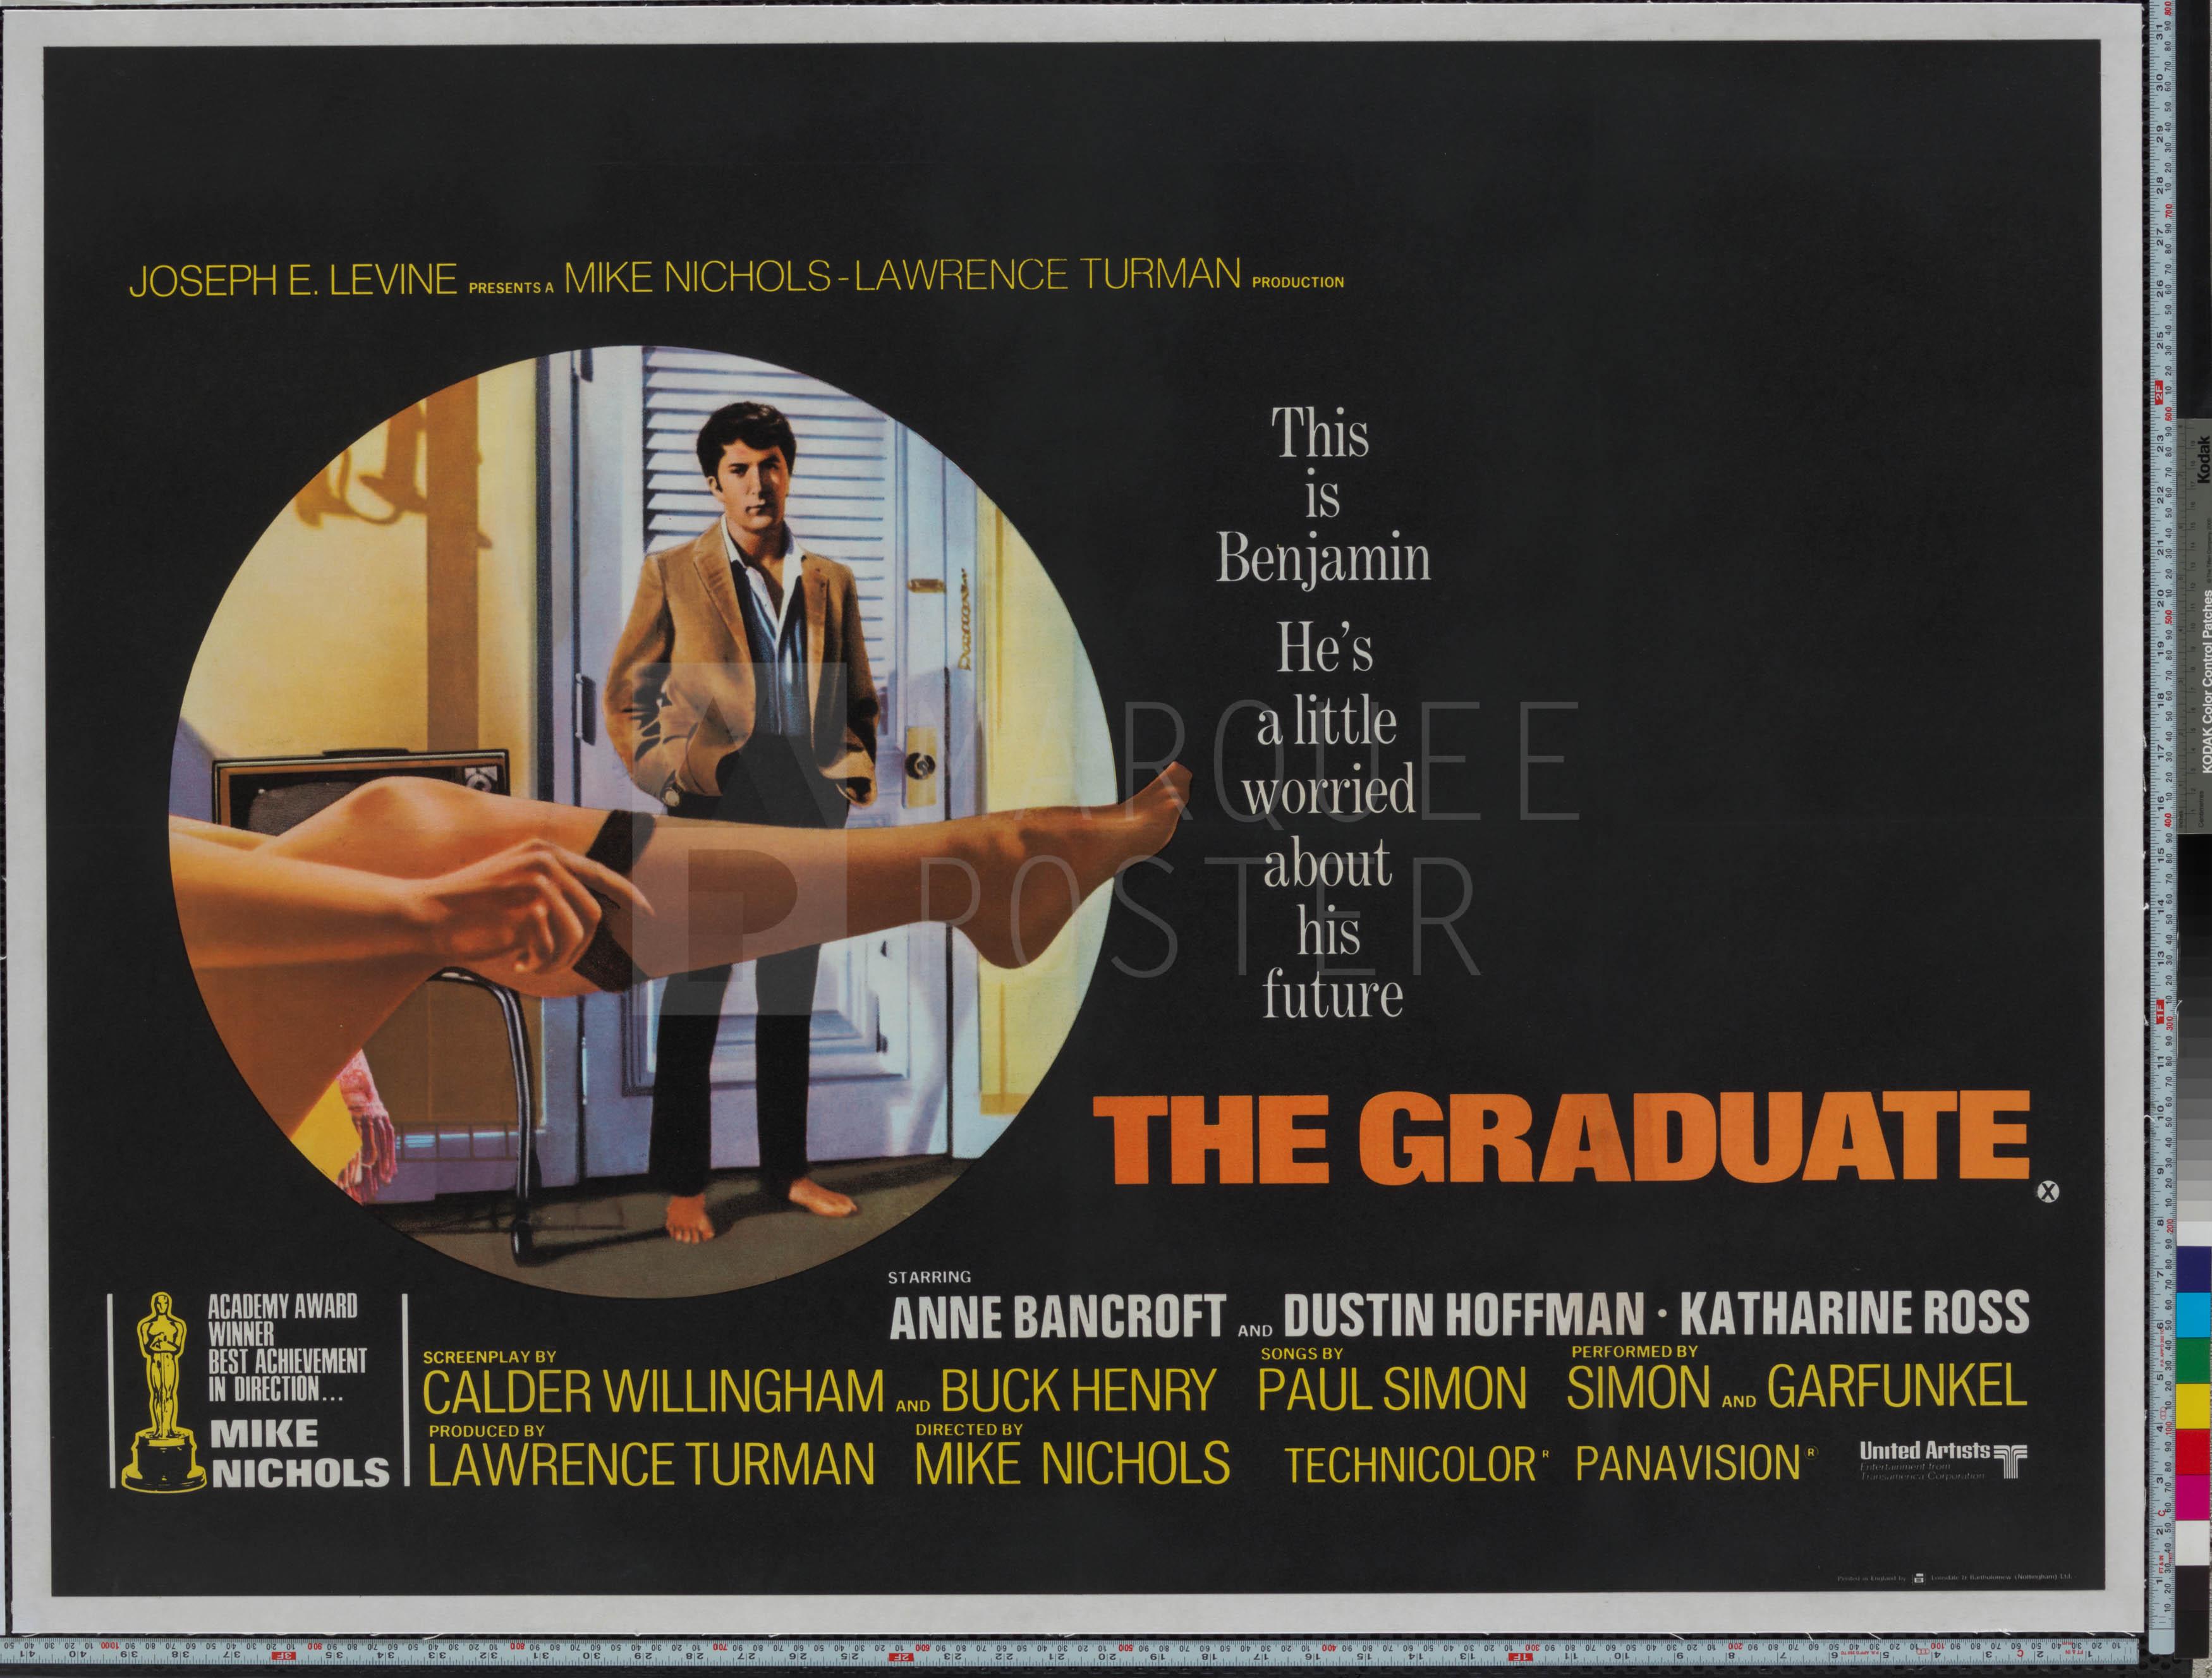 62-graduate-uk-quad-1967-02